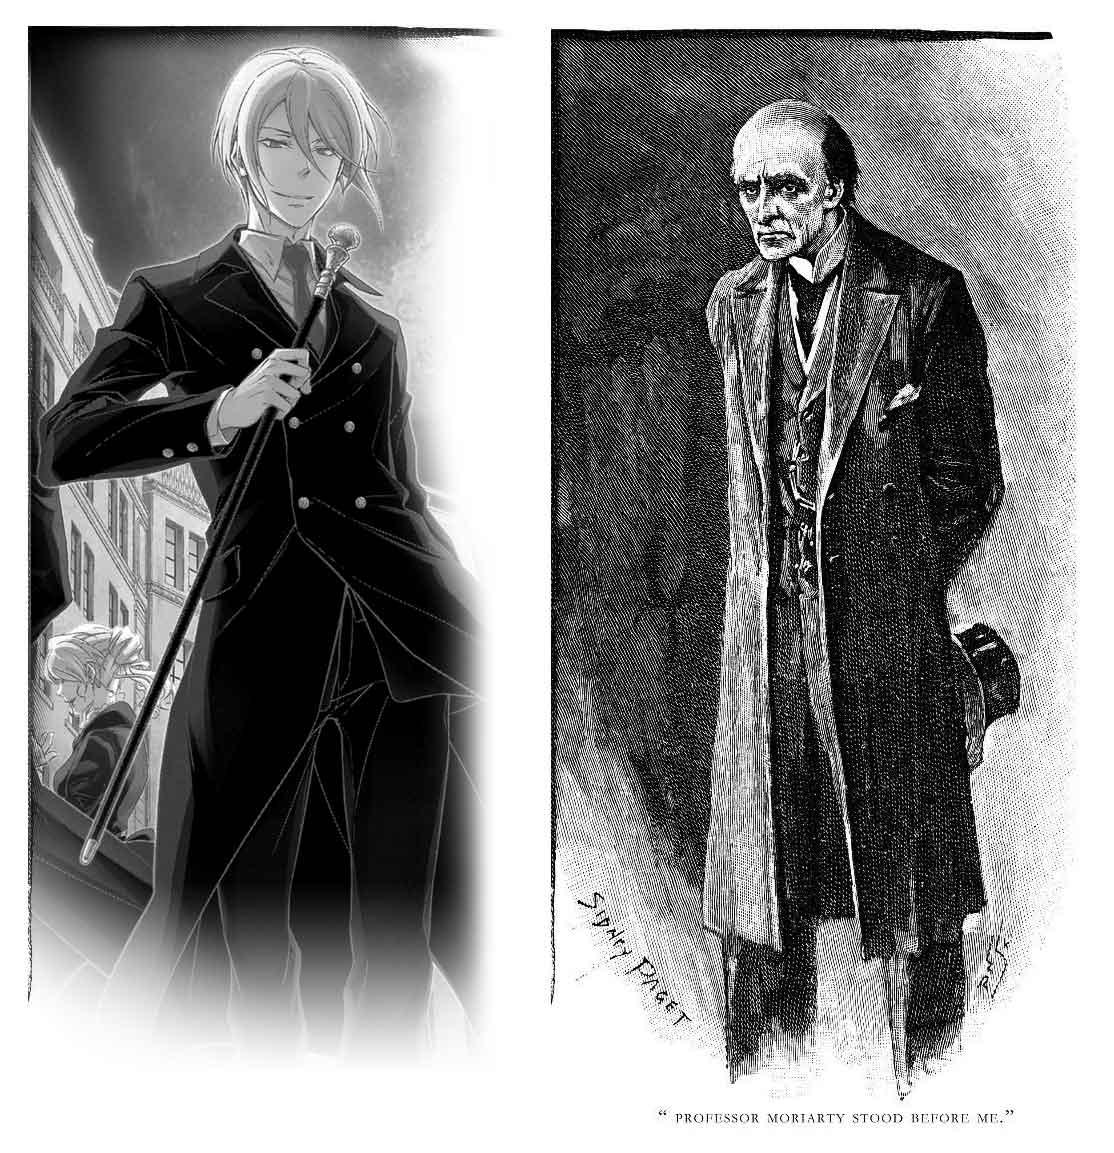 Moriarty jeune vu par Hikaru Miyoshi dans cette adaptation en manga et la vision que nous avons tous en tête du même personnage vu par Sidney Paget qui a illustré la nouvelle  «Le Dernier Problème» publiée en décembre 1893 dans The Strand Magazine.